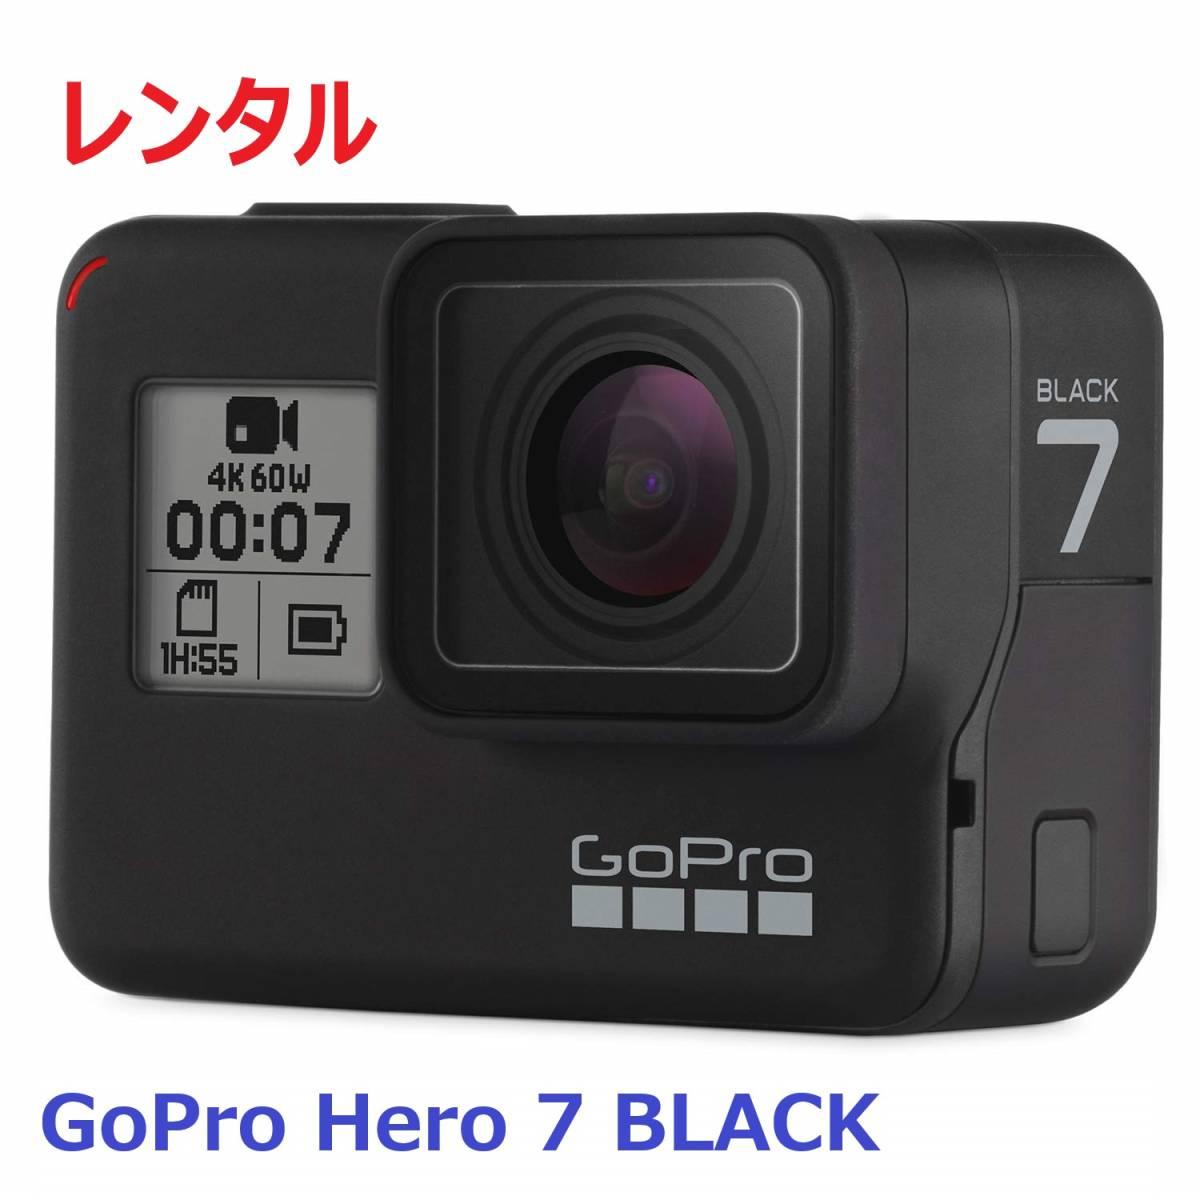 最新2018年モデル GoPro Hero 7 Black ゴープロ レンタル 4泊5日 アクセサリー フルセット バッテリー3個 前日お届け アクションカメラ_丁寧に扱える方のみお願いします。